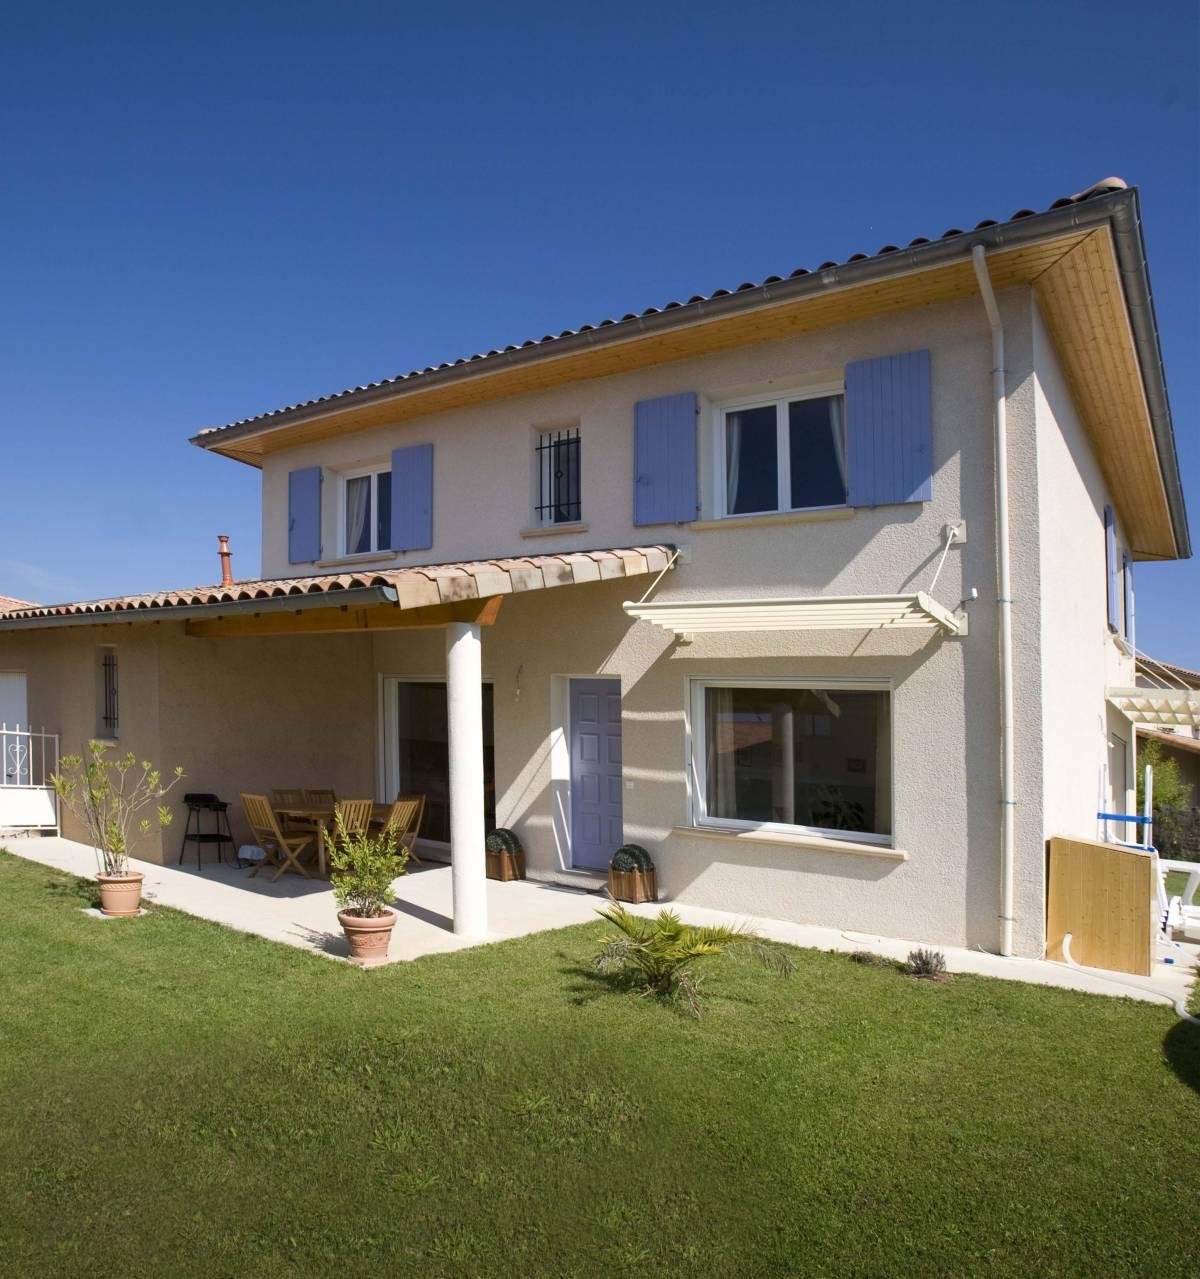 Première maison bioclimatique et environnementale en France